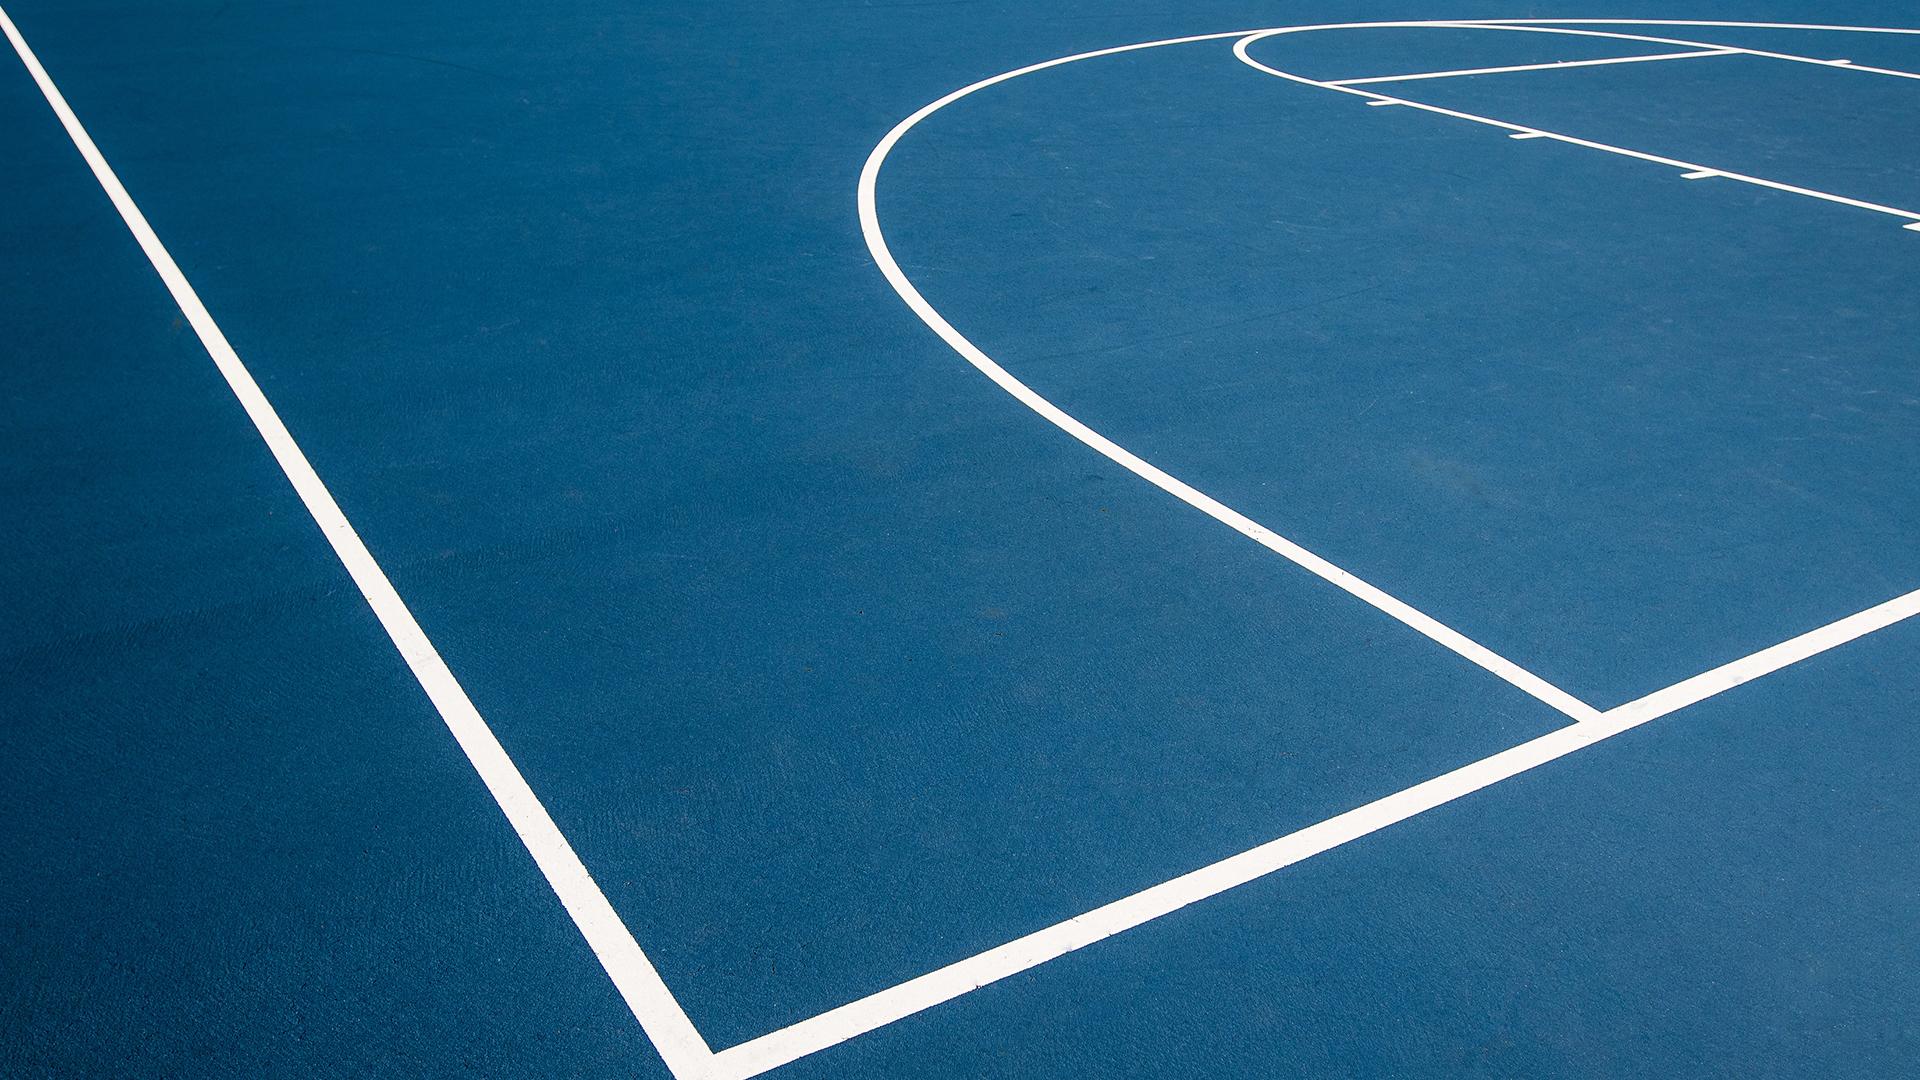 Centre de préparation aux Jeux : accueillir les champions de demain